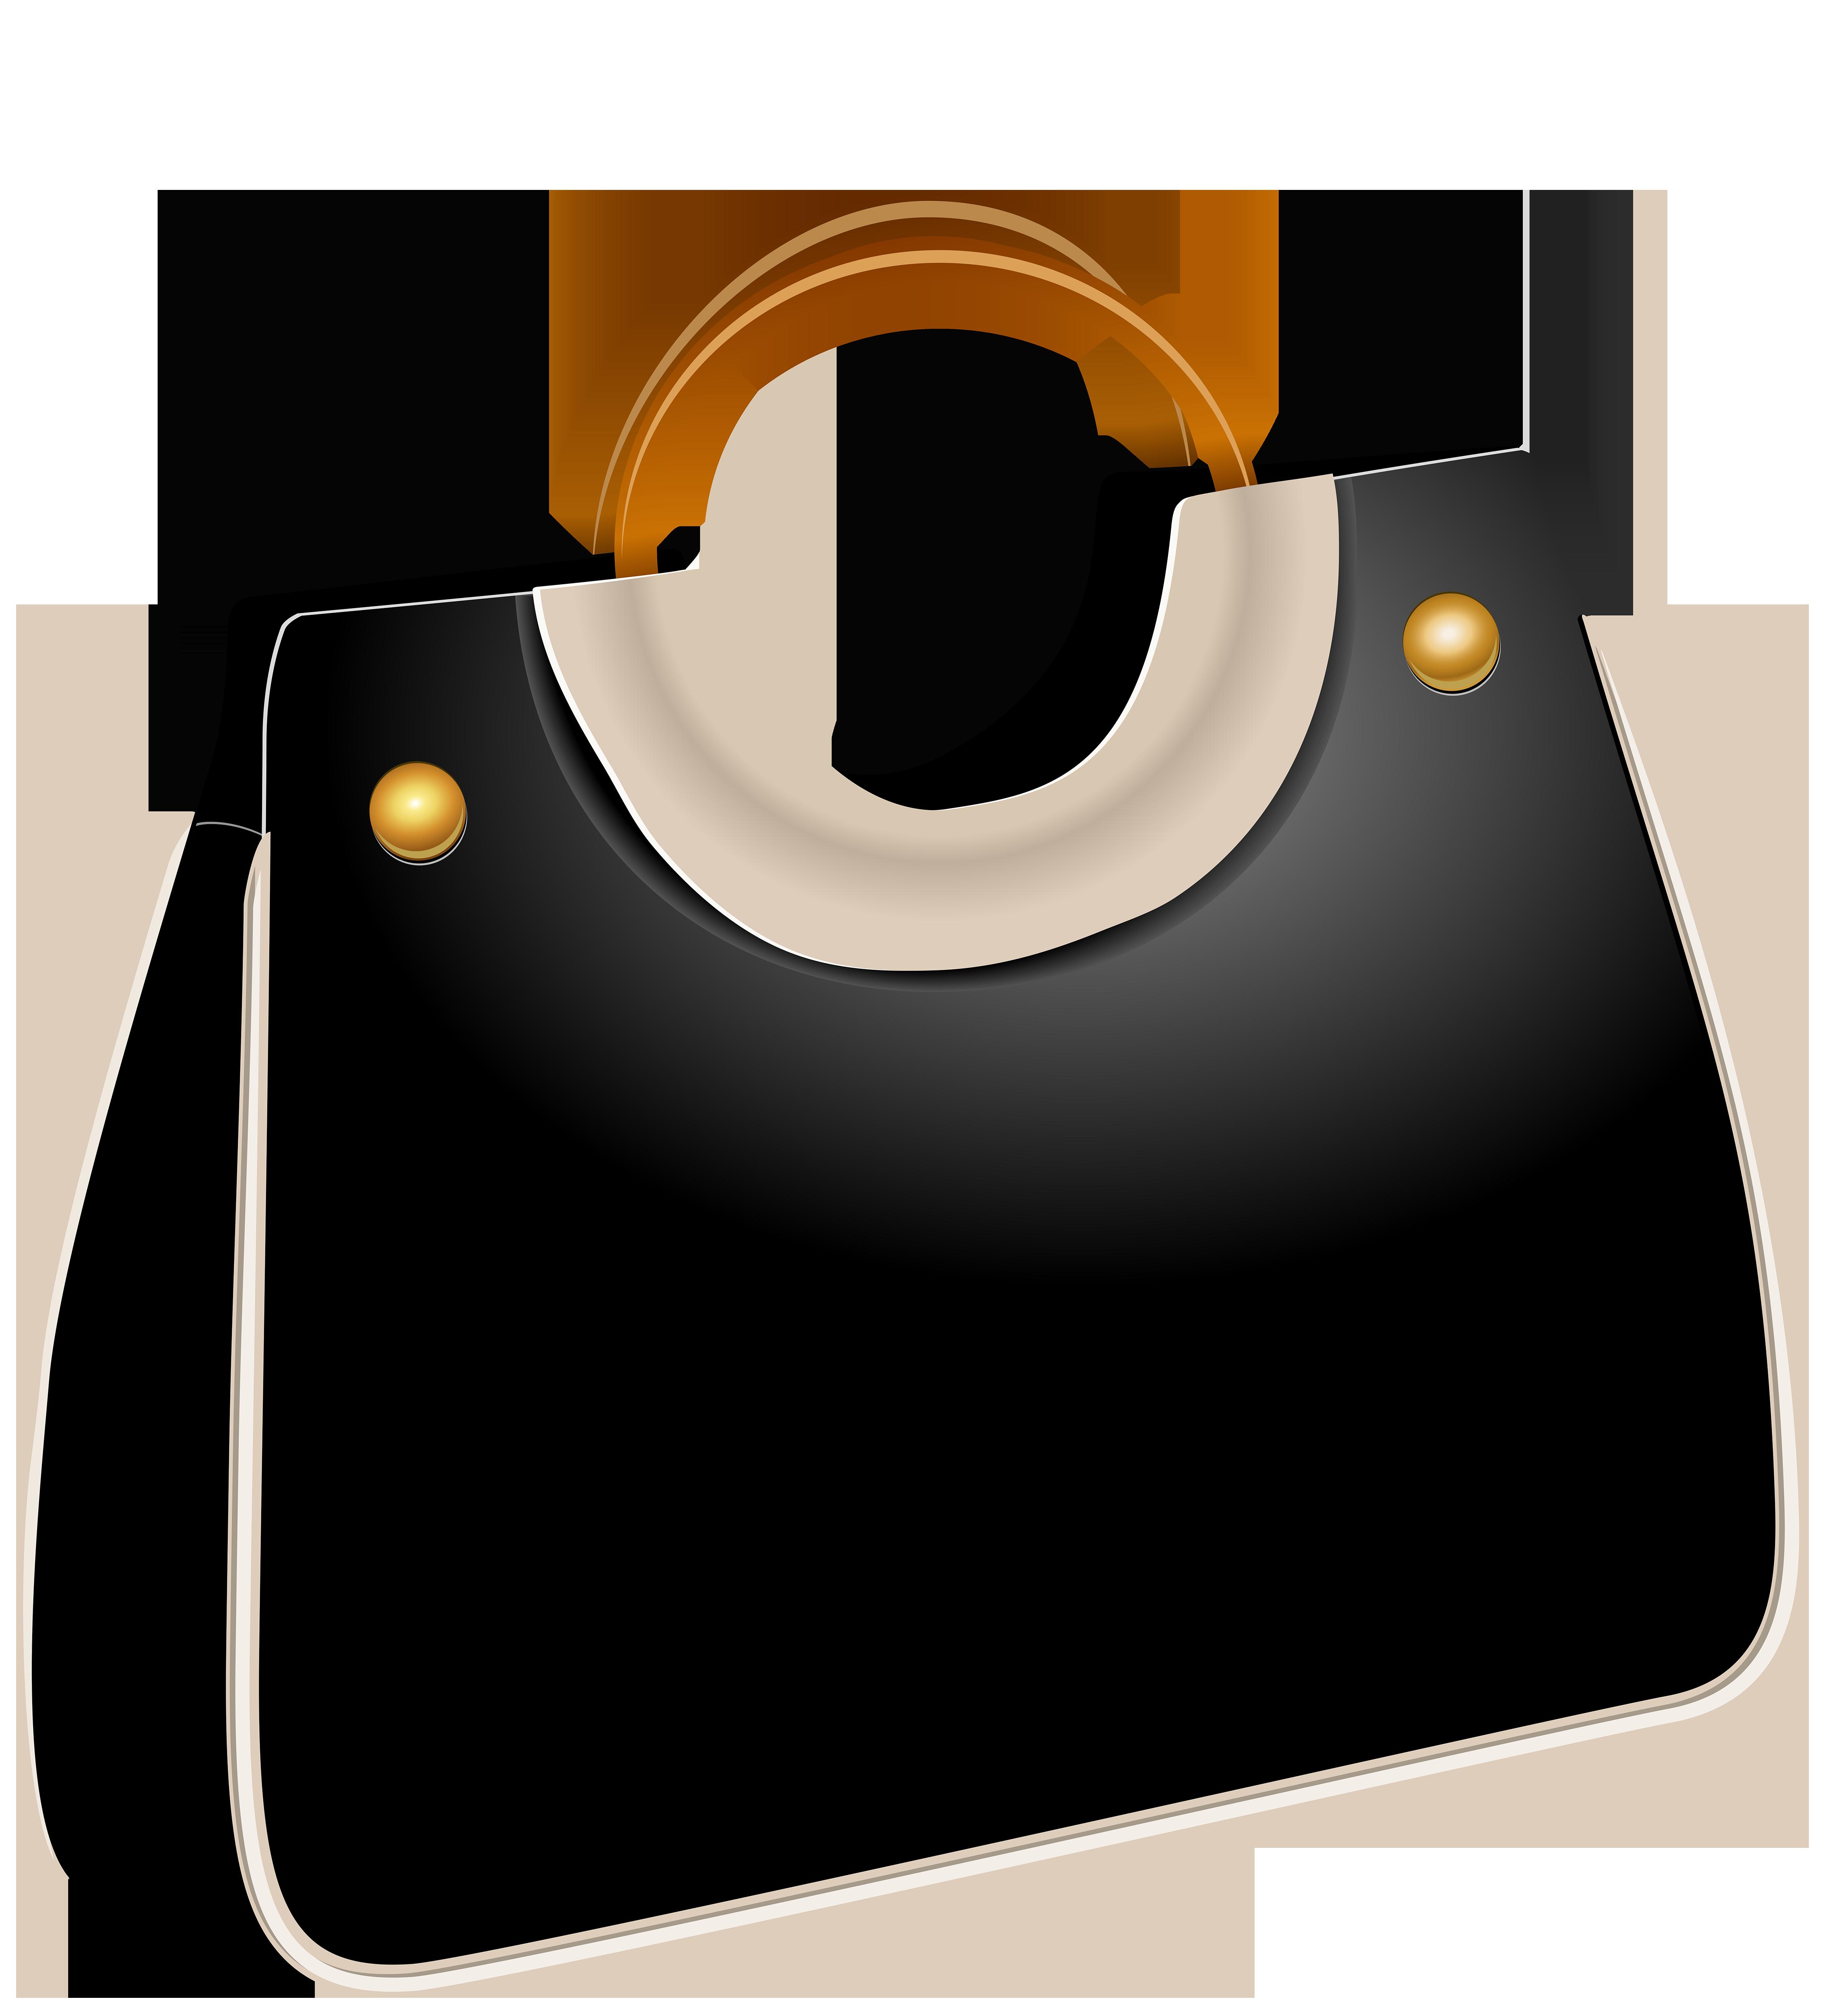 Bag clipart file. Handbag black png clip